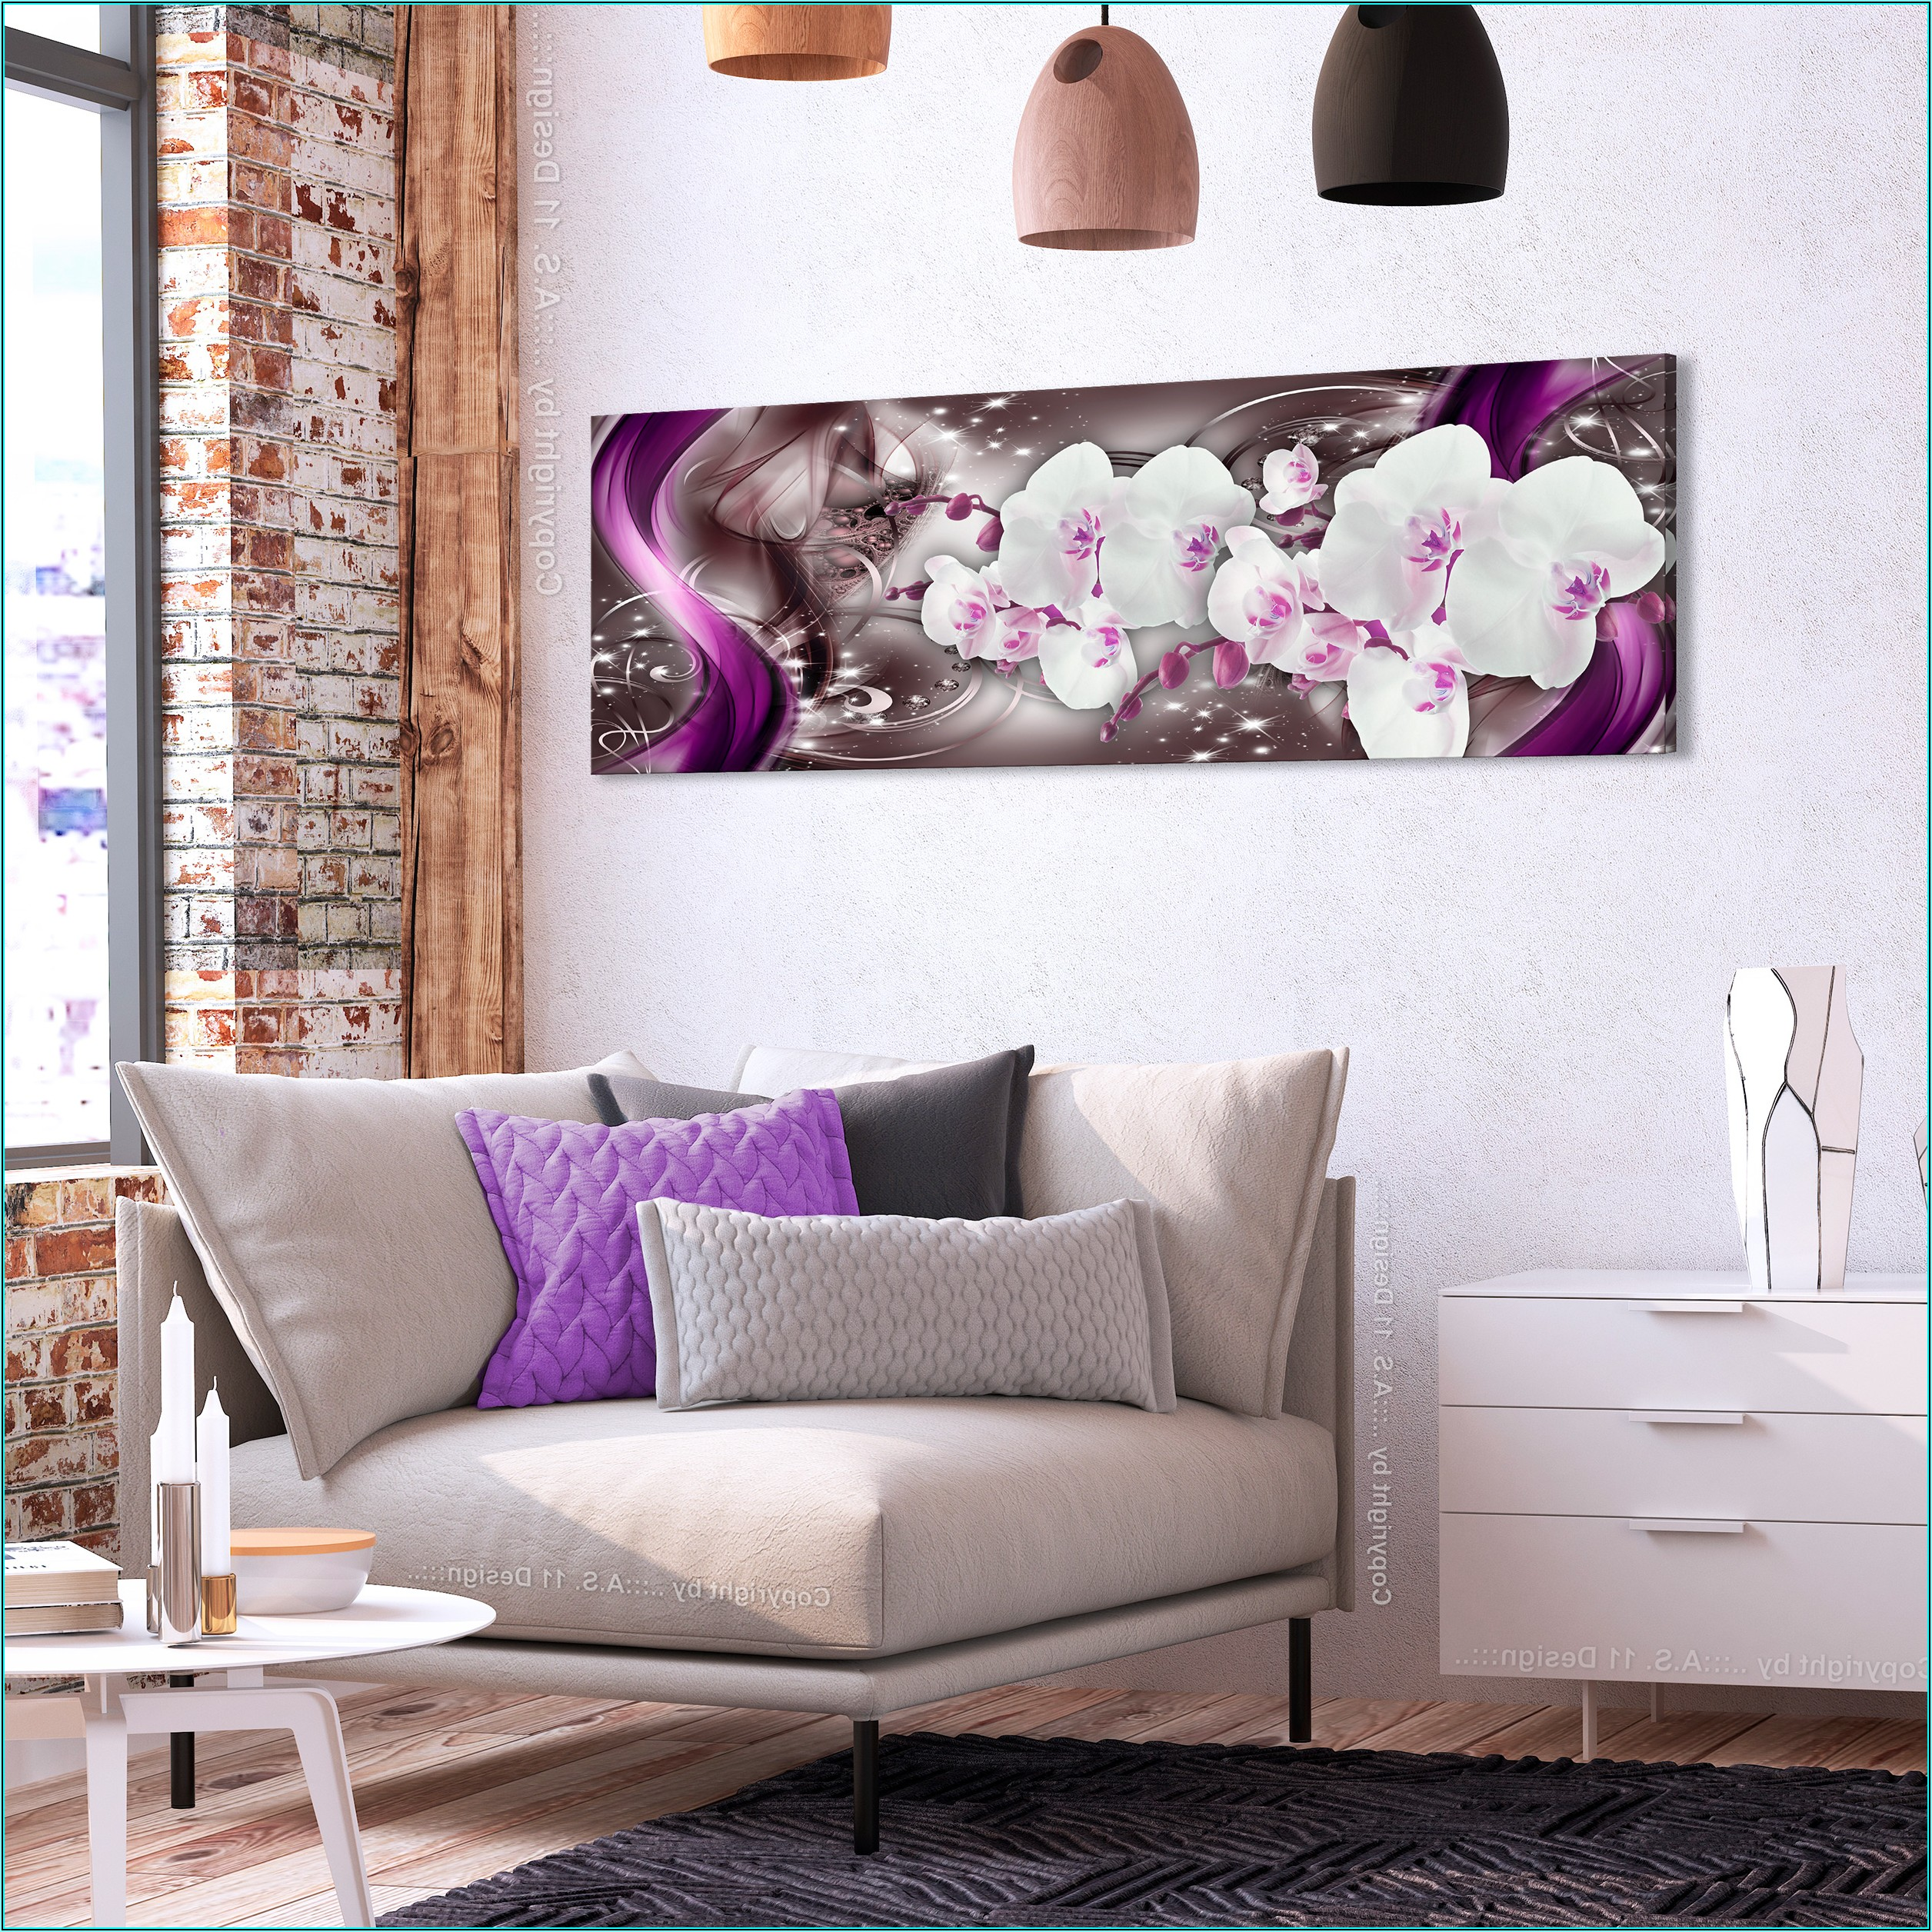 Bilder Abstrakt Wohnzimmer